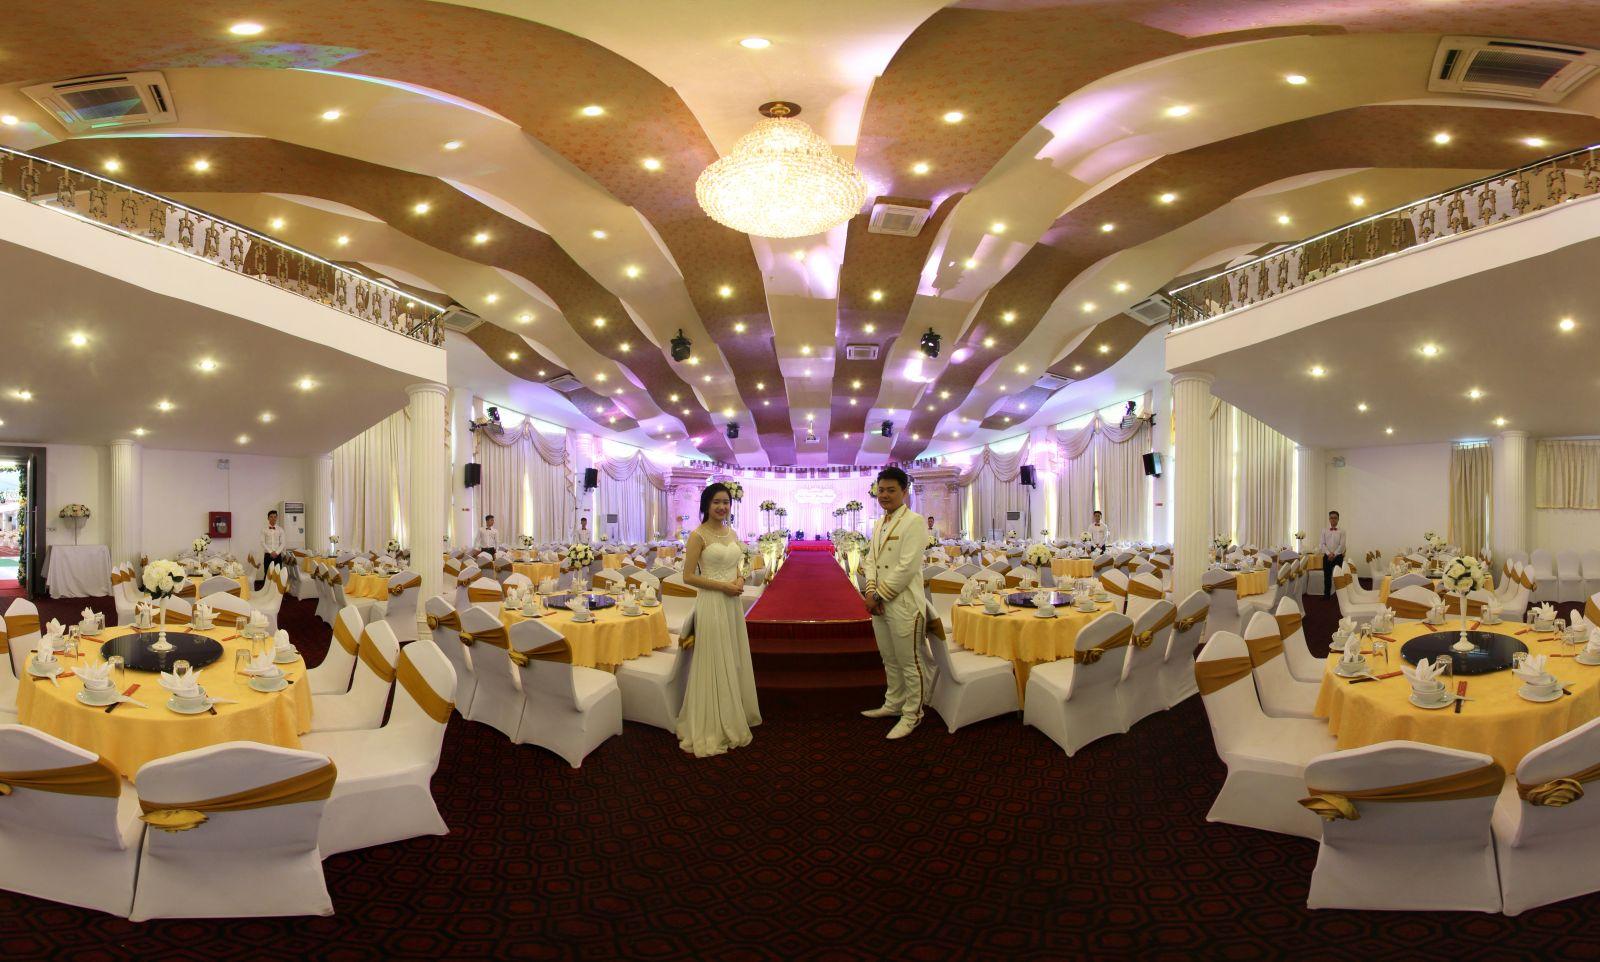 Lưu ý Không gian khi chọn nhà hàng tiệc cưới